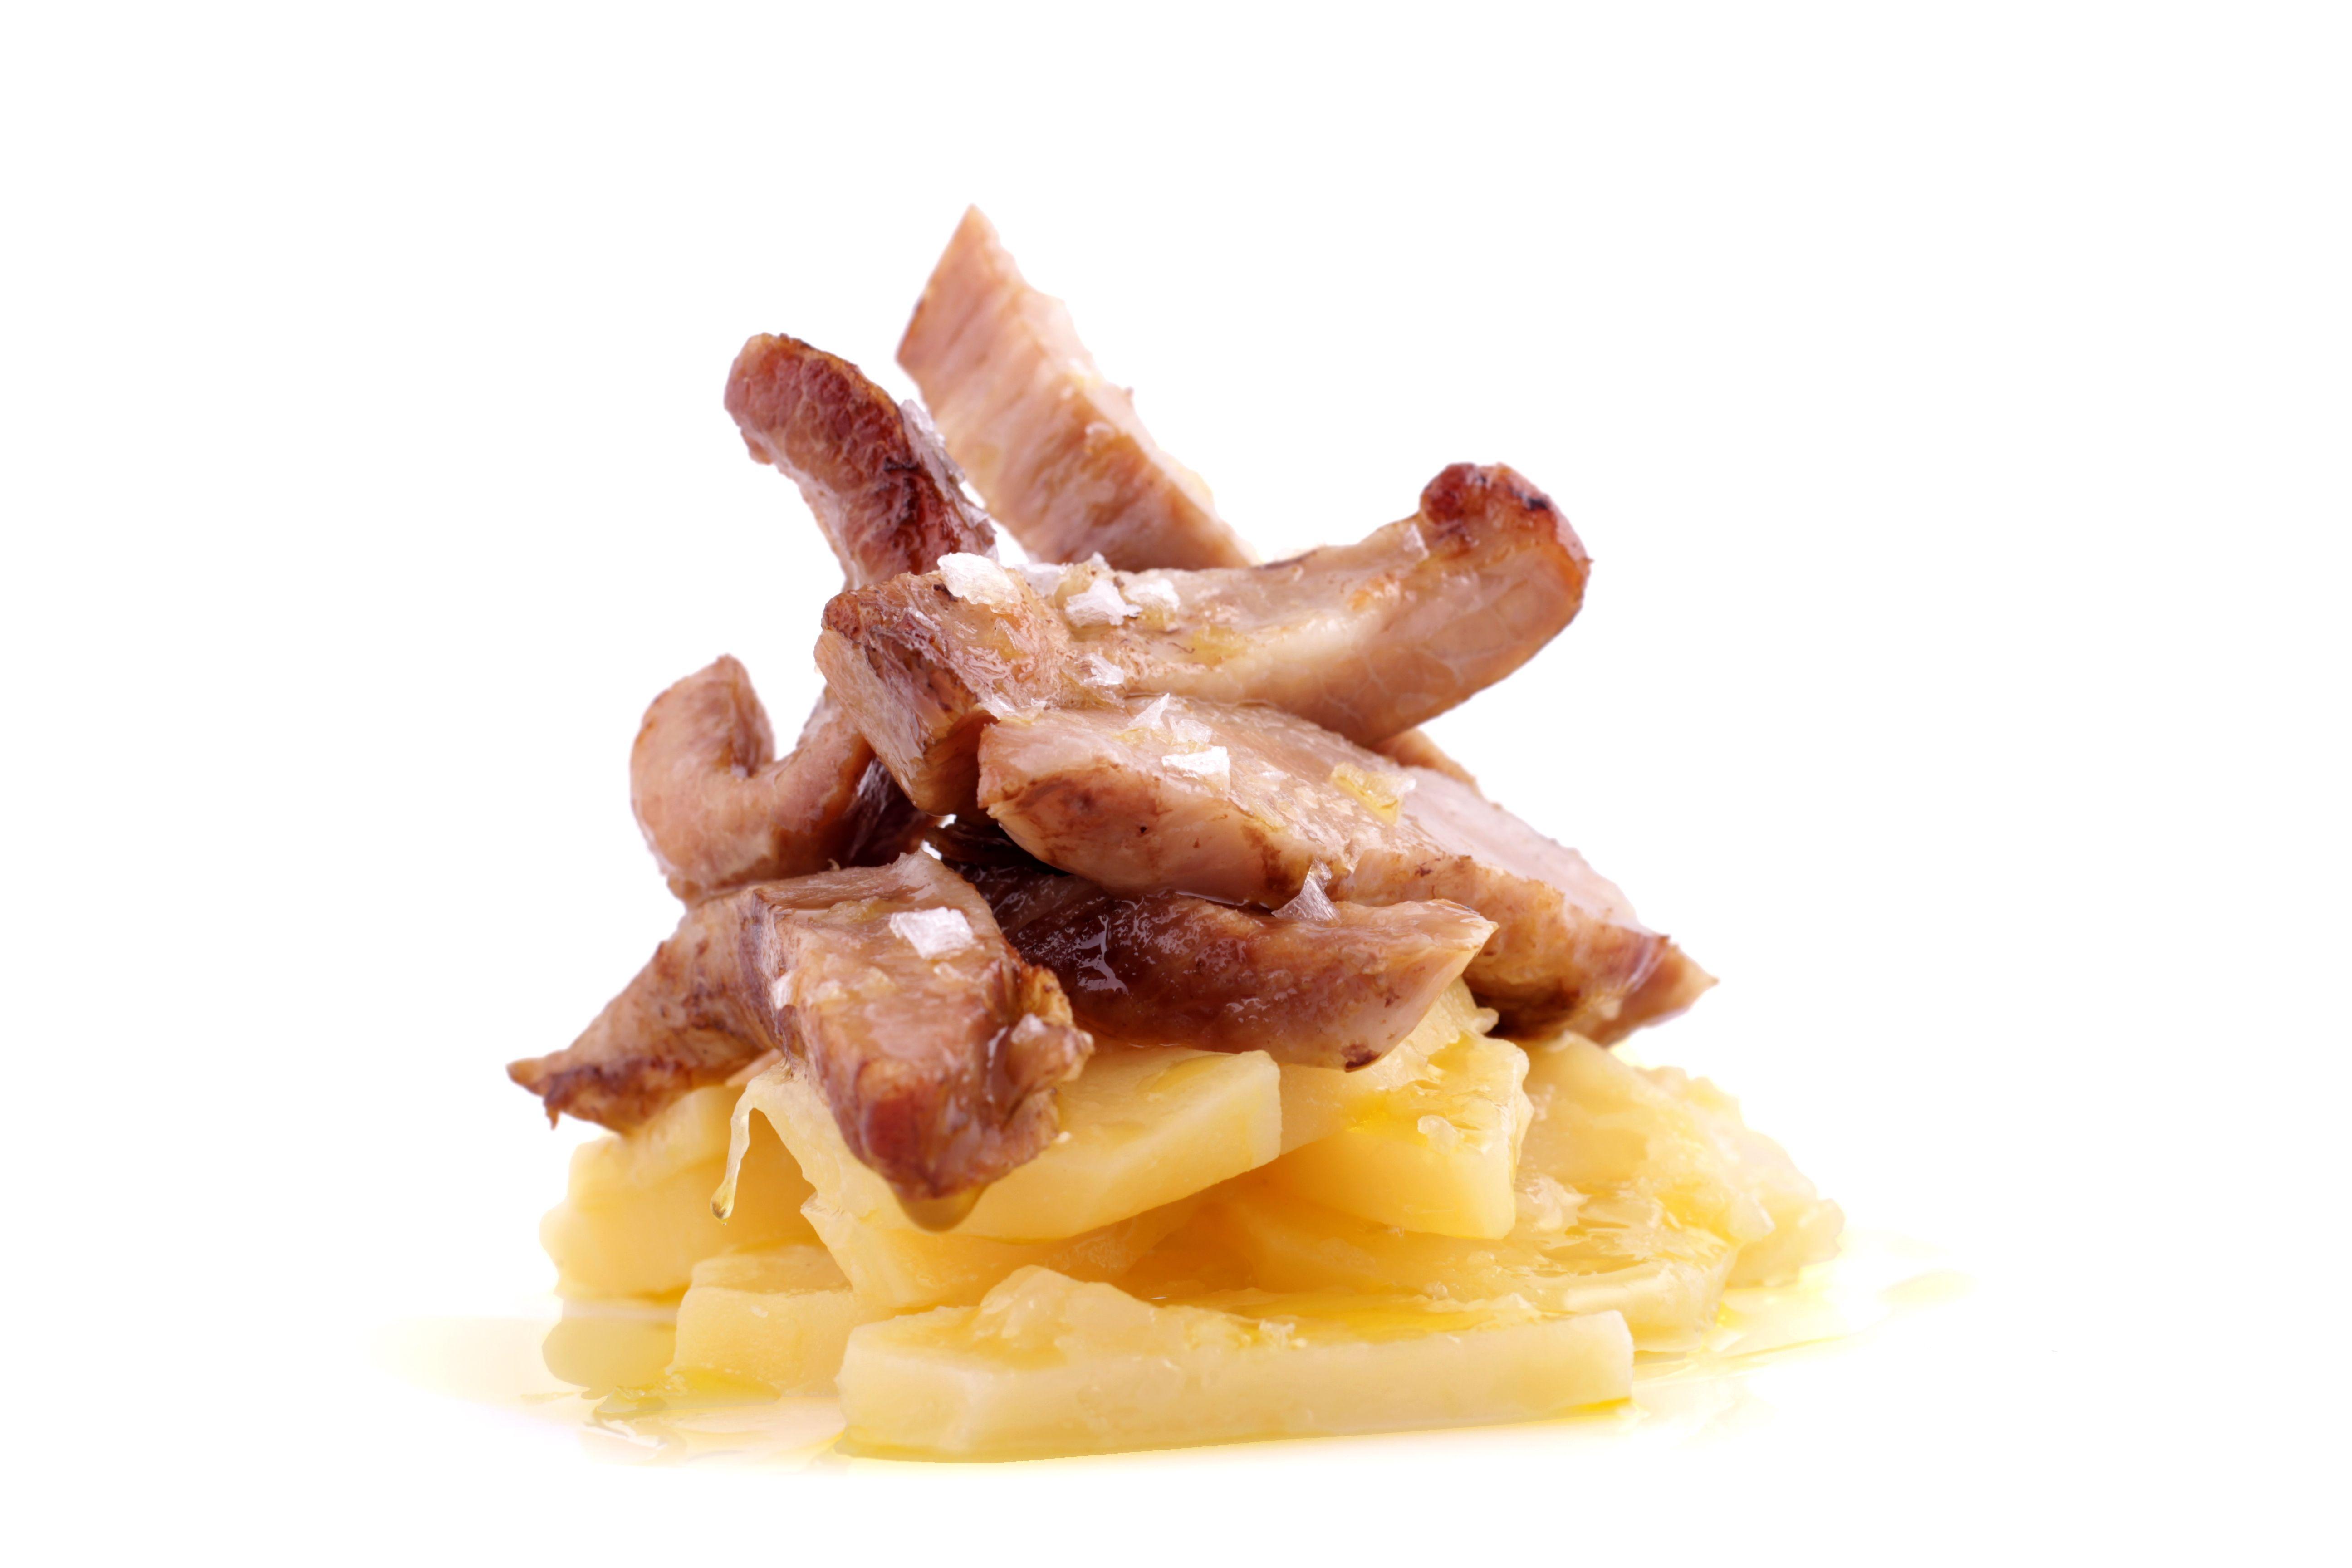 Secreto de cerdo ibérico acompañado de una magnífica guarnición de patatas confitadas con aroma de trufa negra y un toque de cebolla.  http://www.selectiumchef.com/secreto-de-cerdo-iberico.html